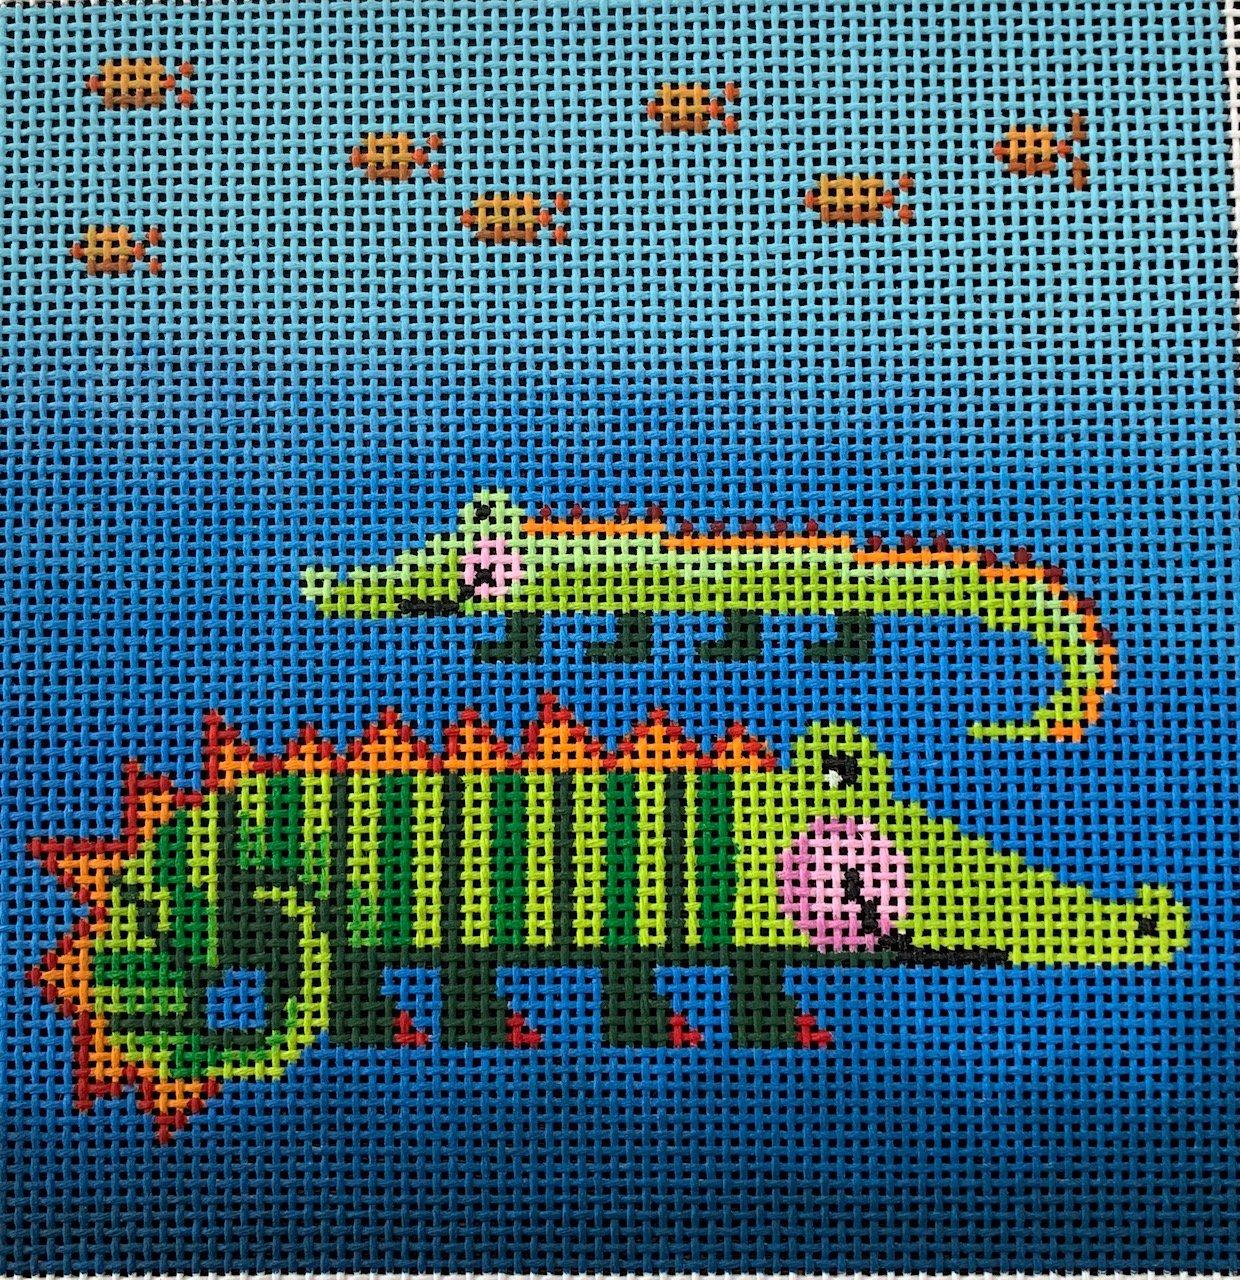 Alligators *